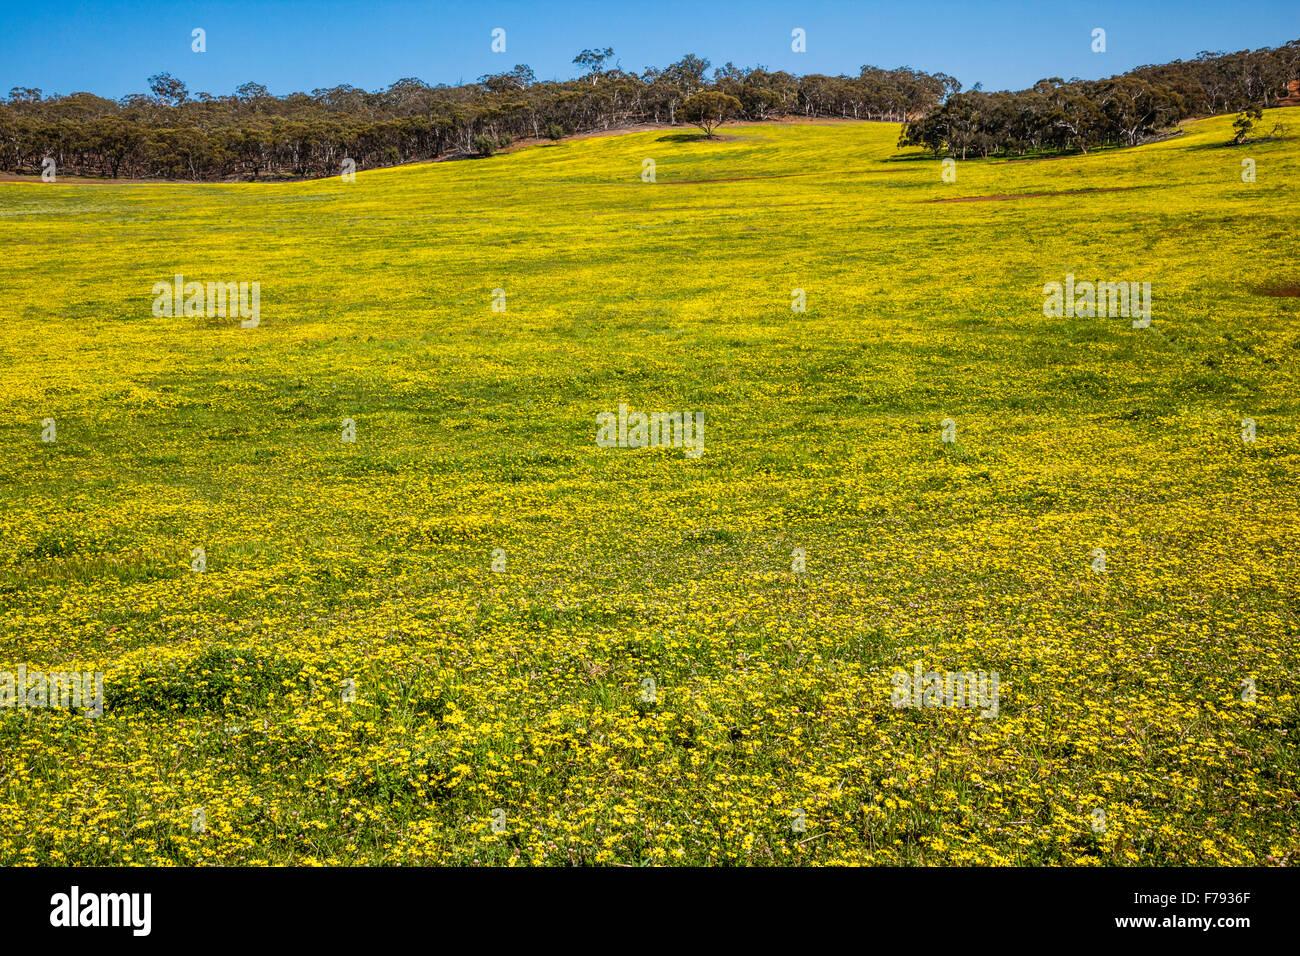 Australien, Western Australia, Wheatbelt Region, Shire von Victoria Plains, Teppich von Cape Unkraut Gänseblümchen Stockbild